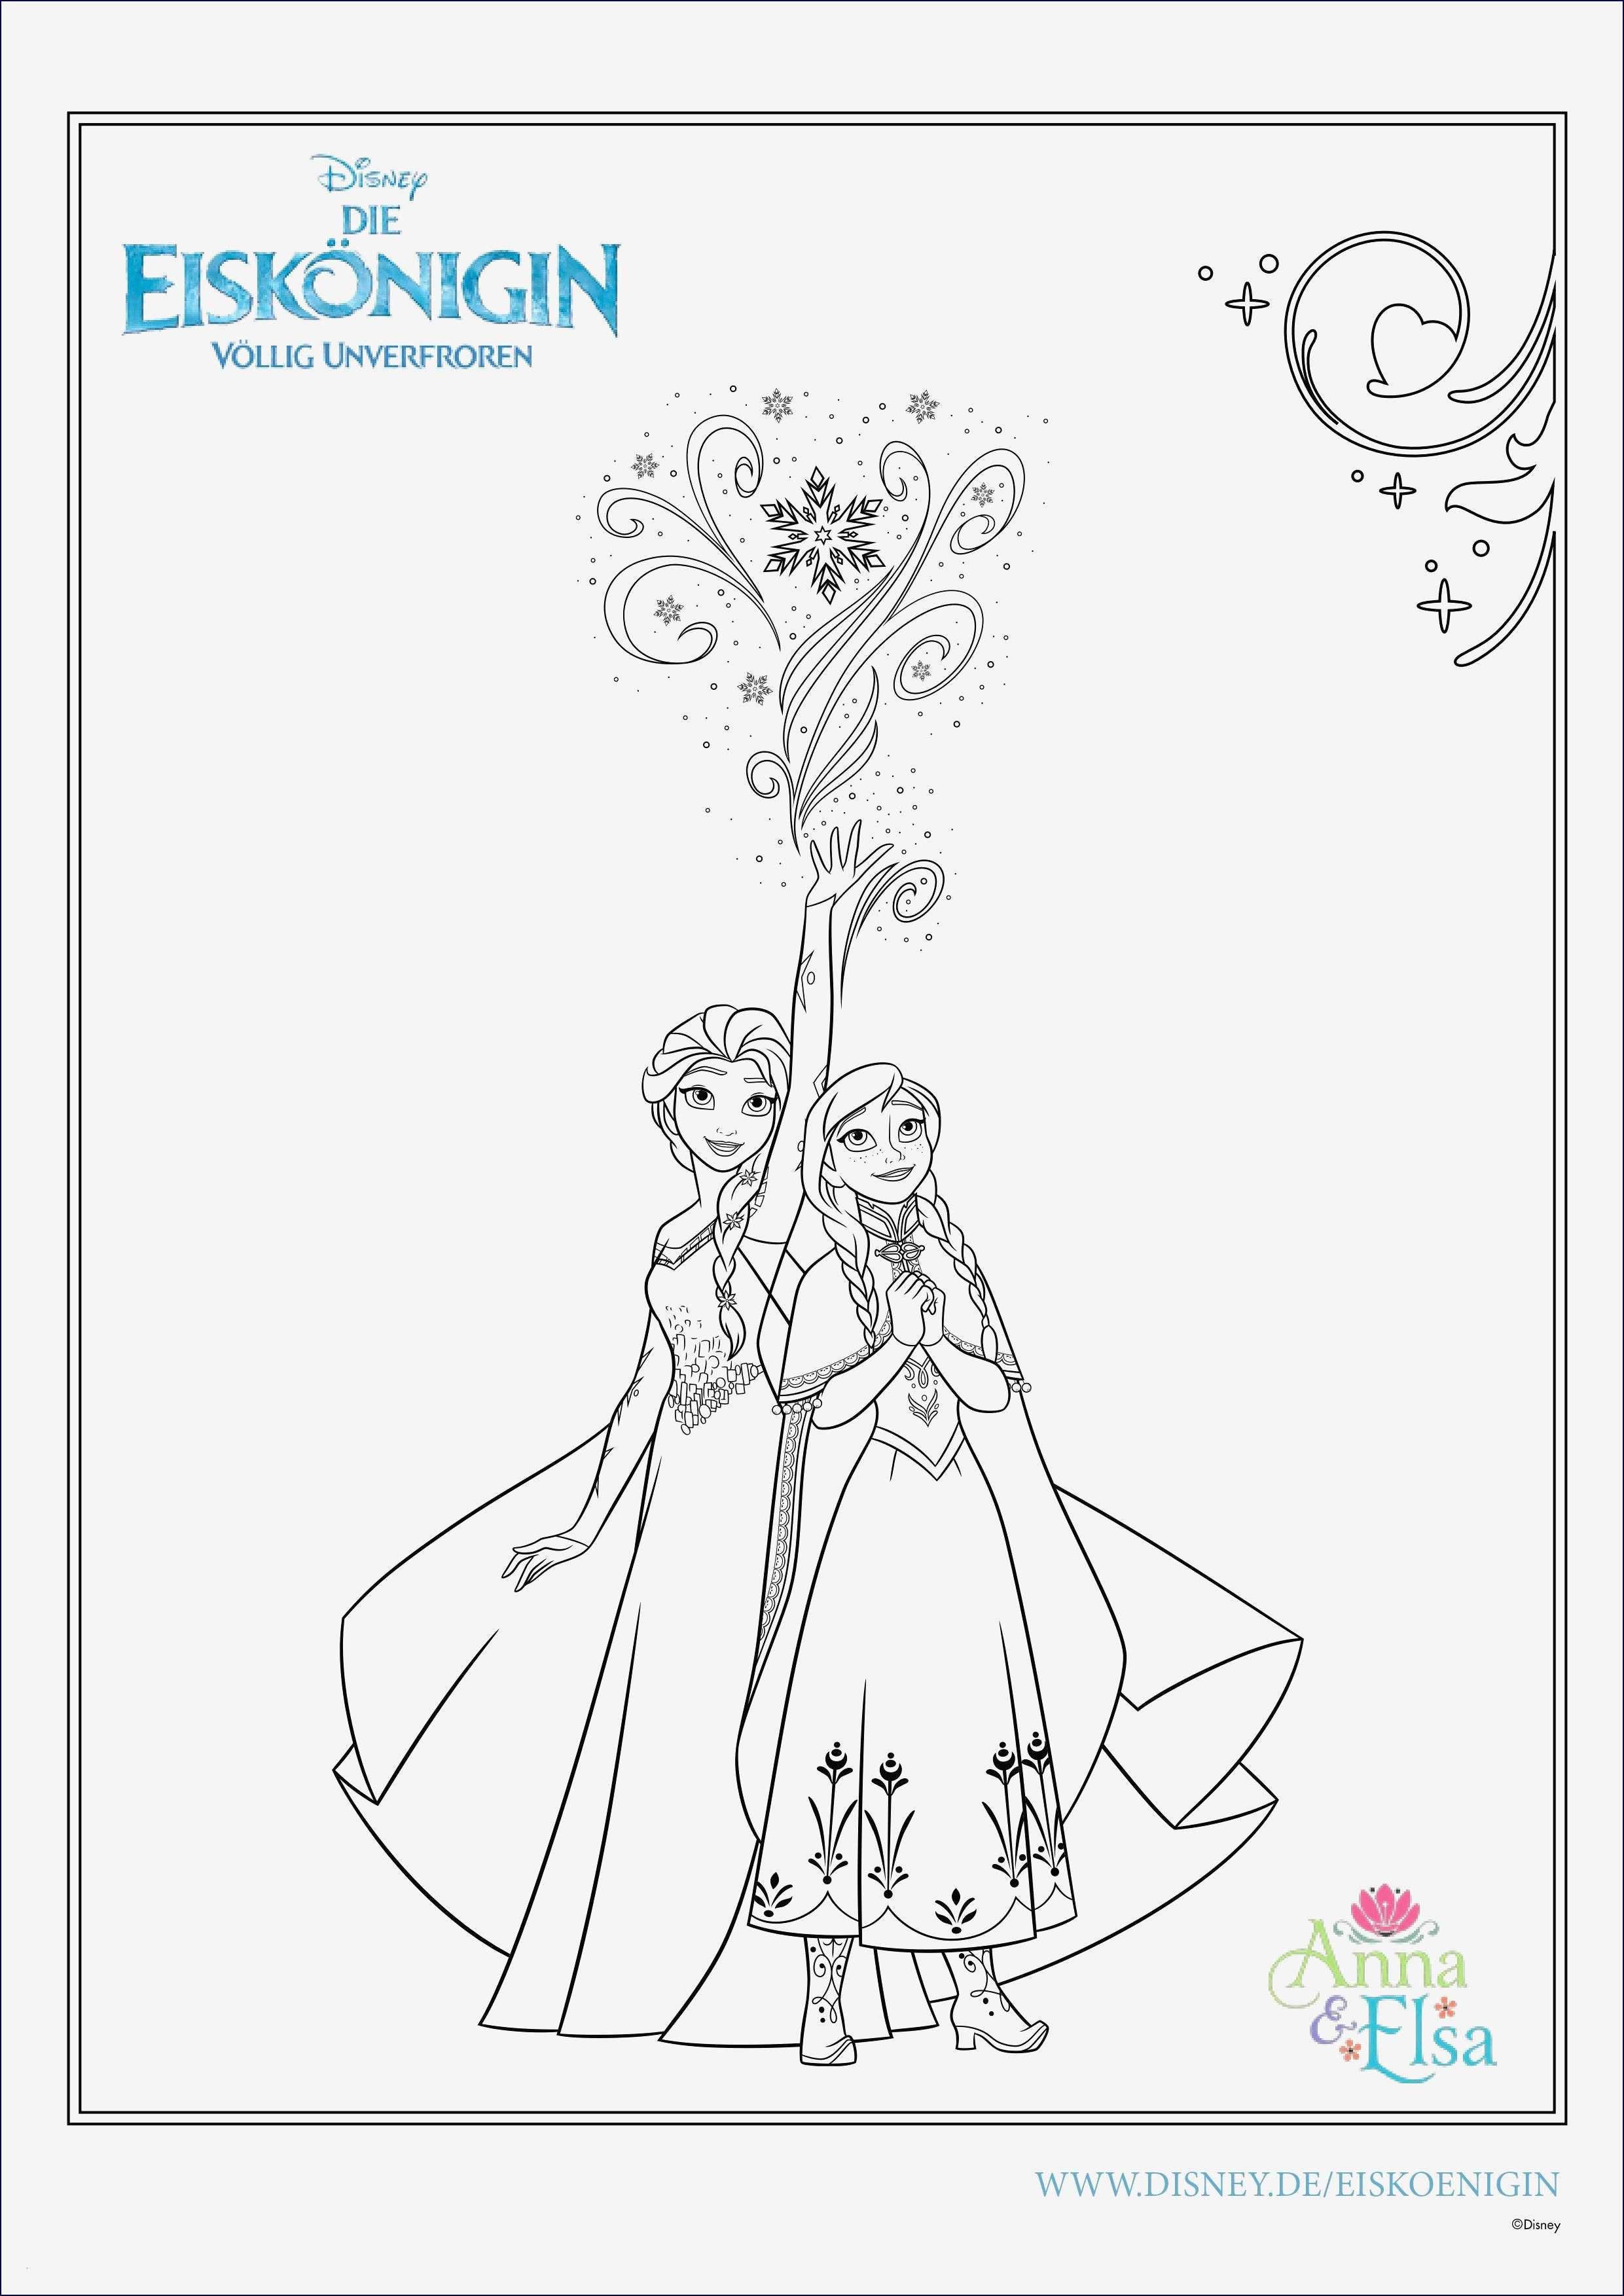 Weihnachtsbilder Zum Ausmalen Genial Bilder Zum Ausmalen Bekommen Elsa Ausmalbilder Zum Ausdrucken Schön Bilder